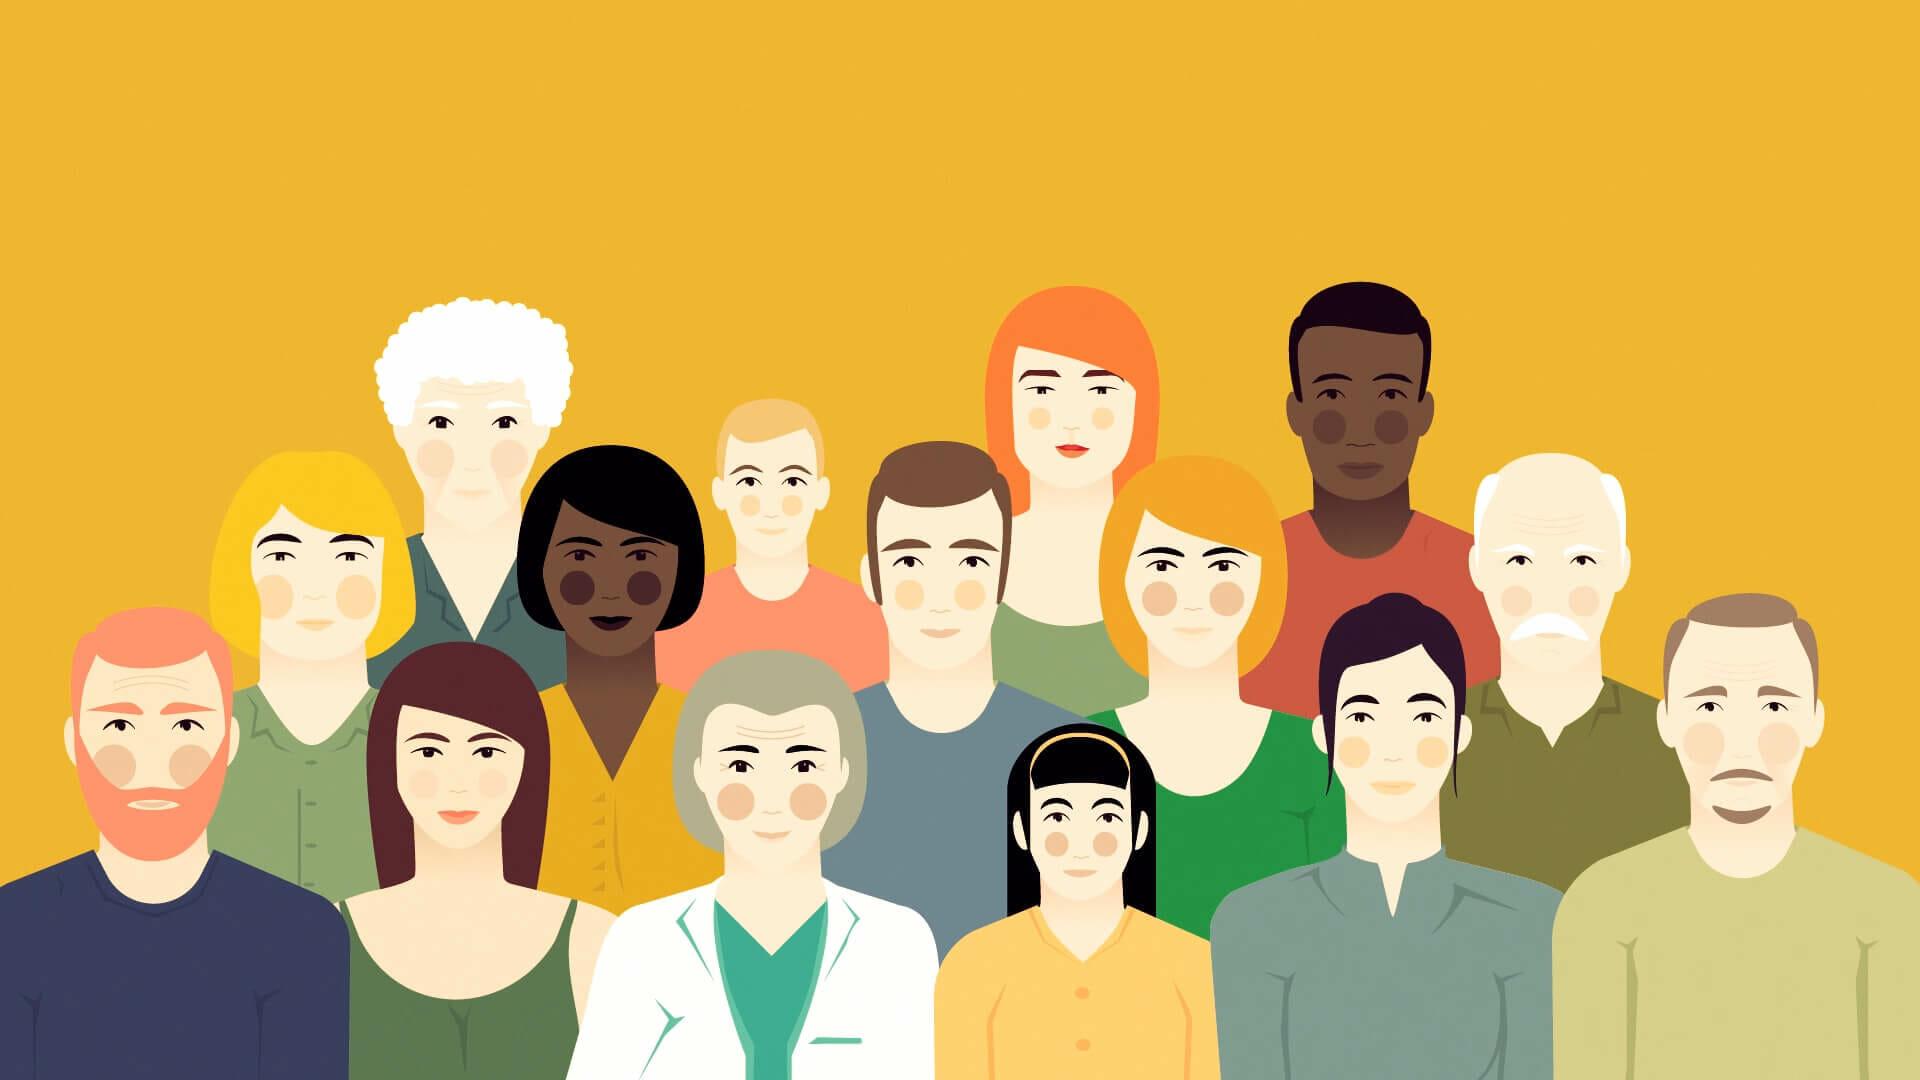 Bild aus dem Animationsvideo zu den Gesundheitszielen, auf dem Menschen unterschiedlichen Alters und Geschlechts zu sehen sind.